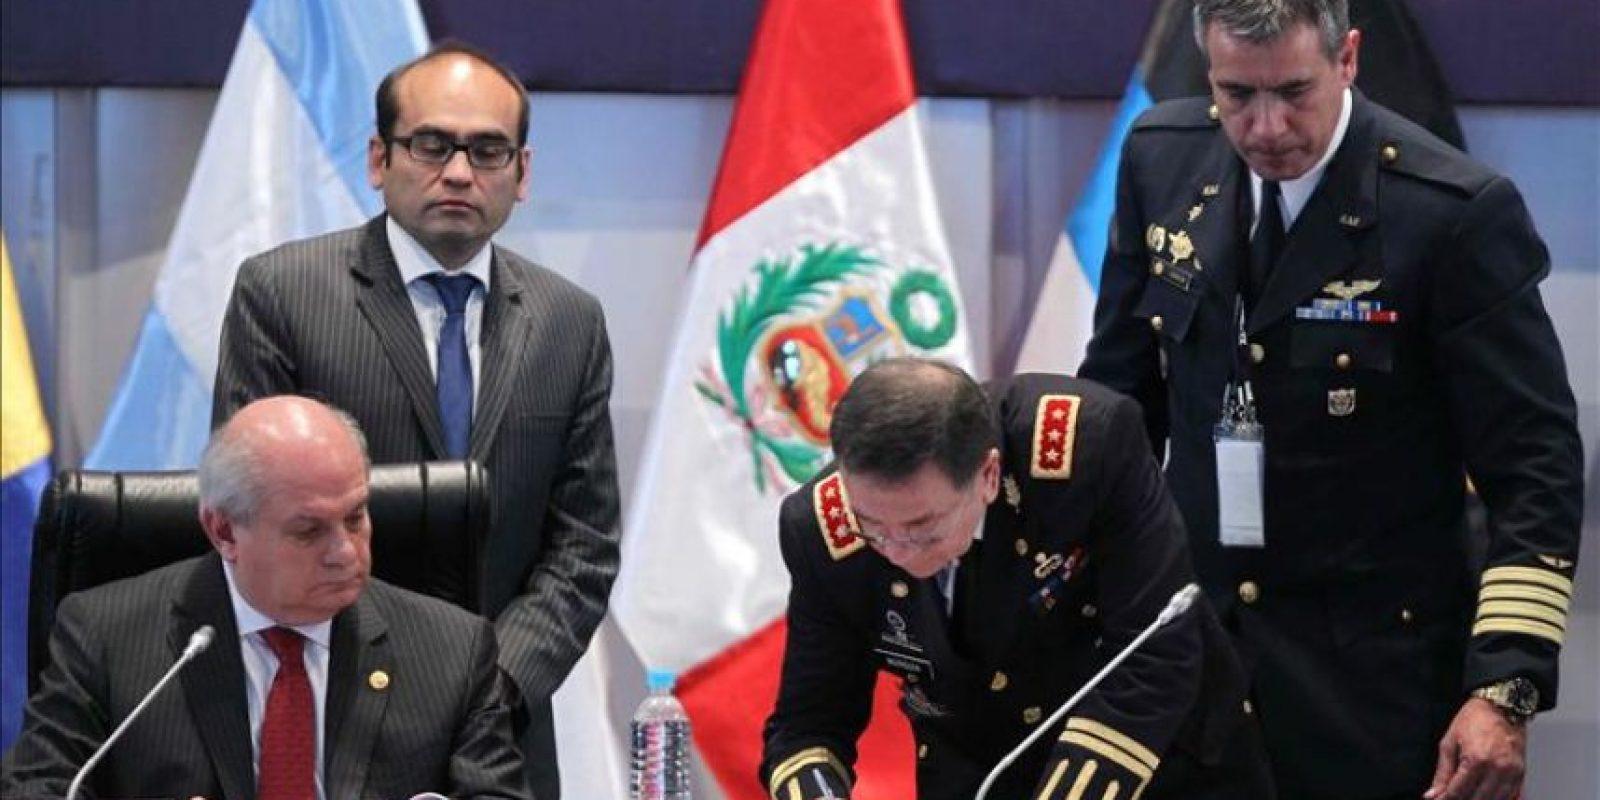 El ministro de Defensa de de El Salvador, David Munguía (d), junto a su par peruano, Pedro Cateriano (i), durante la firma de la Declaración de Arequipa, un documento suscrito por los ministros y delegados de los 34 países participantes en la undécima Conferencia de Ministros de Defensa de las Américas (CMDA), en Arequipa (Perú) este 14 de octubre de 2014. EFE